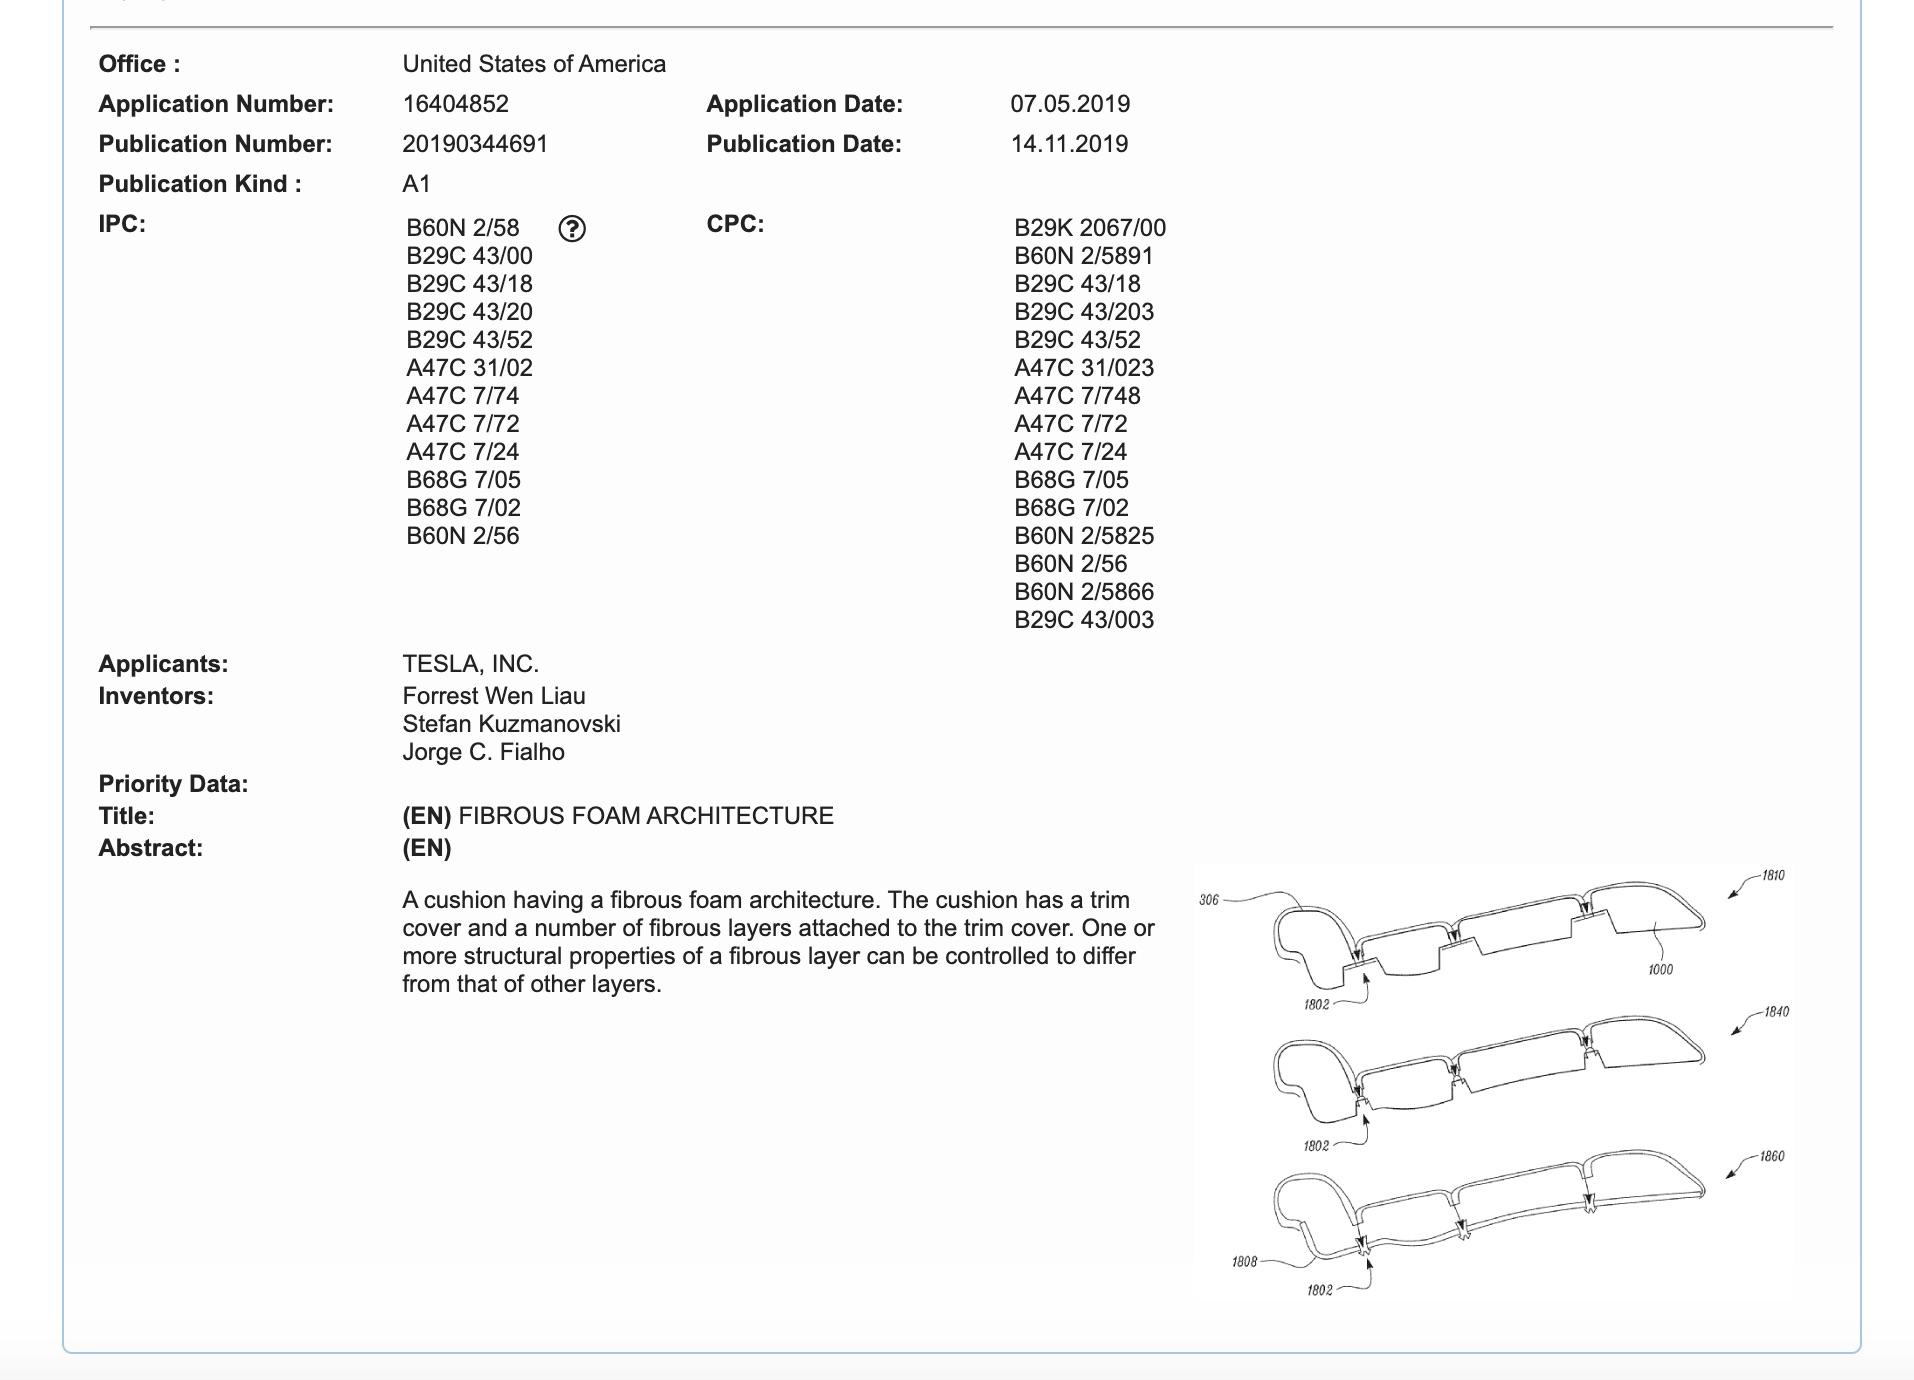 tesla-patent-fibrous-foam-architecture